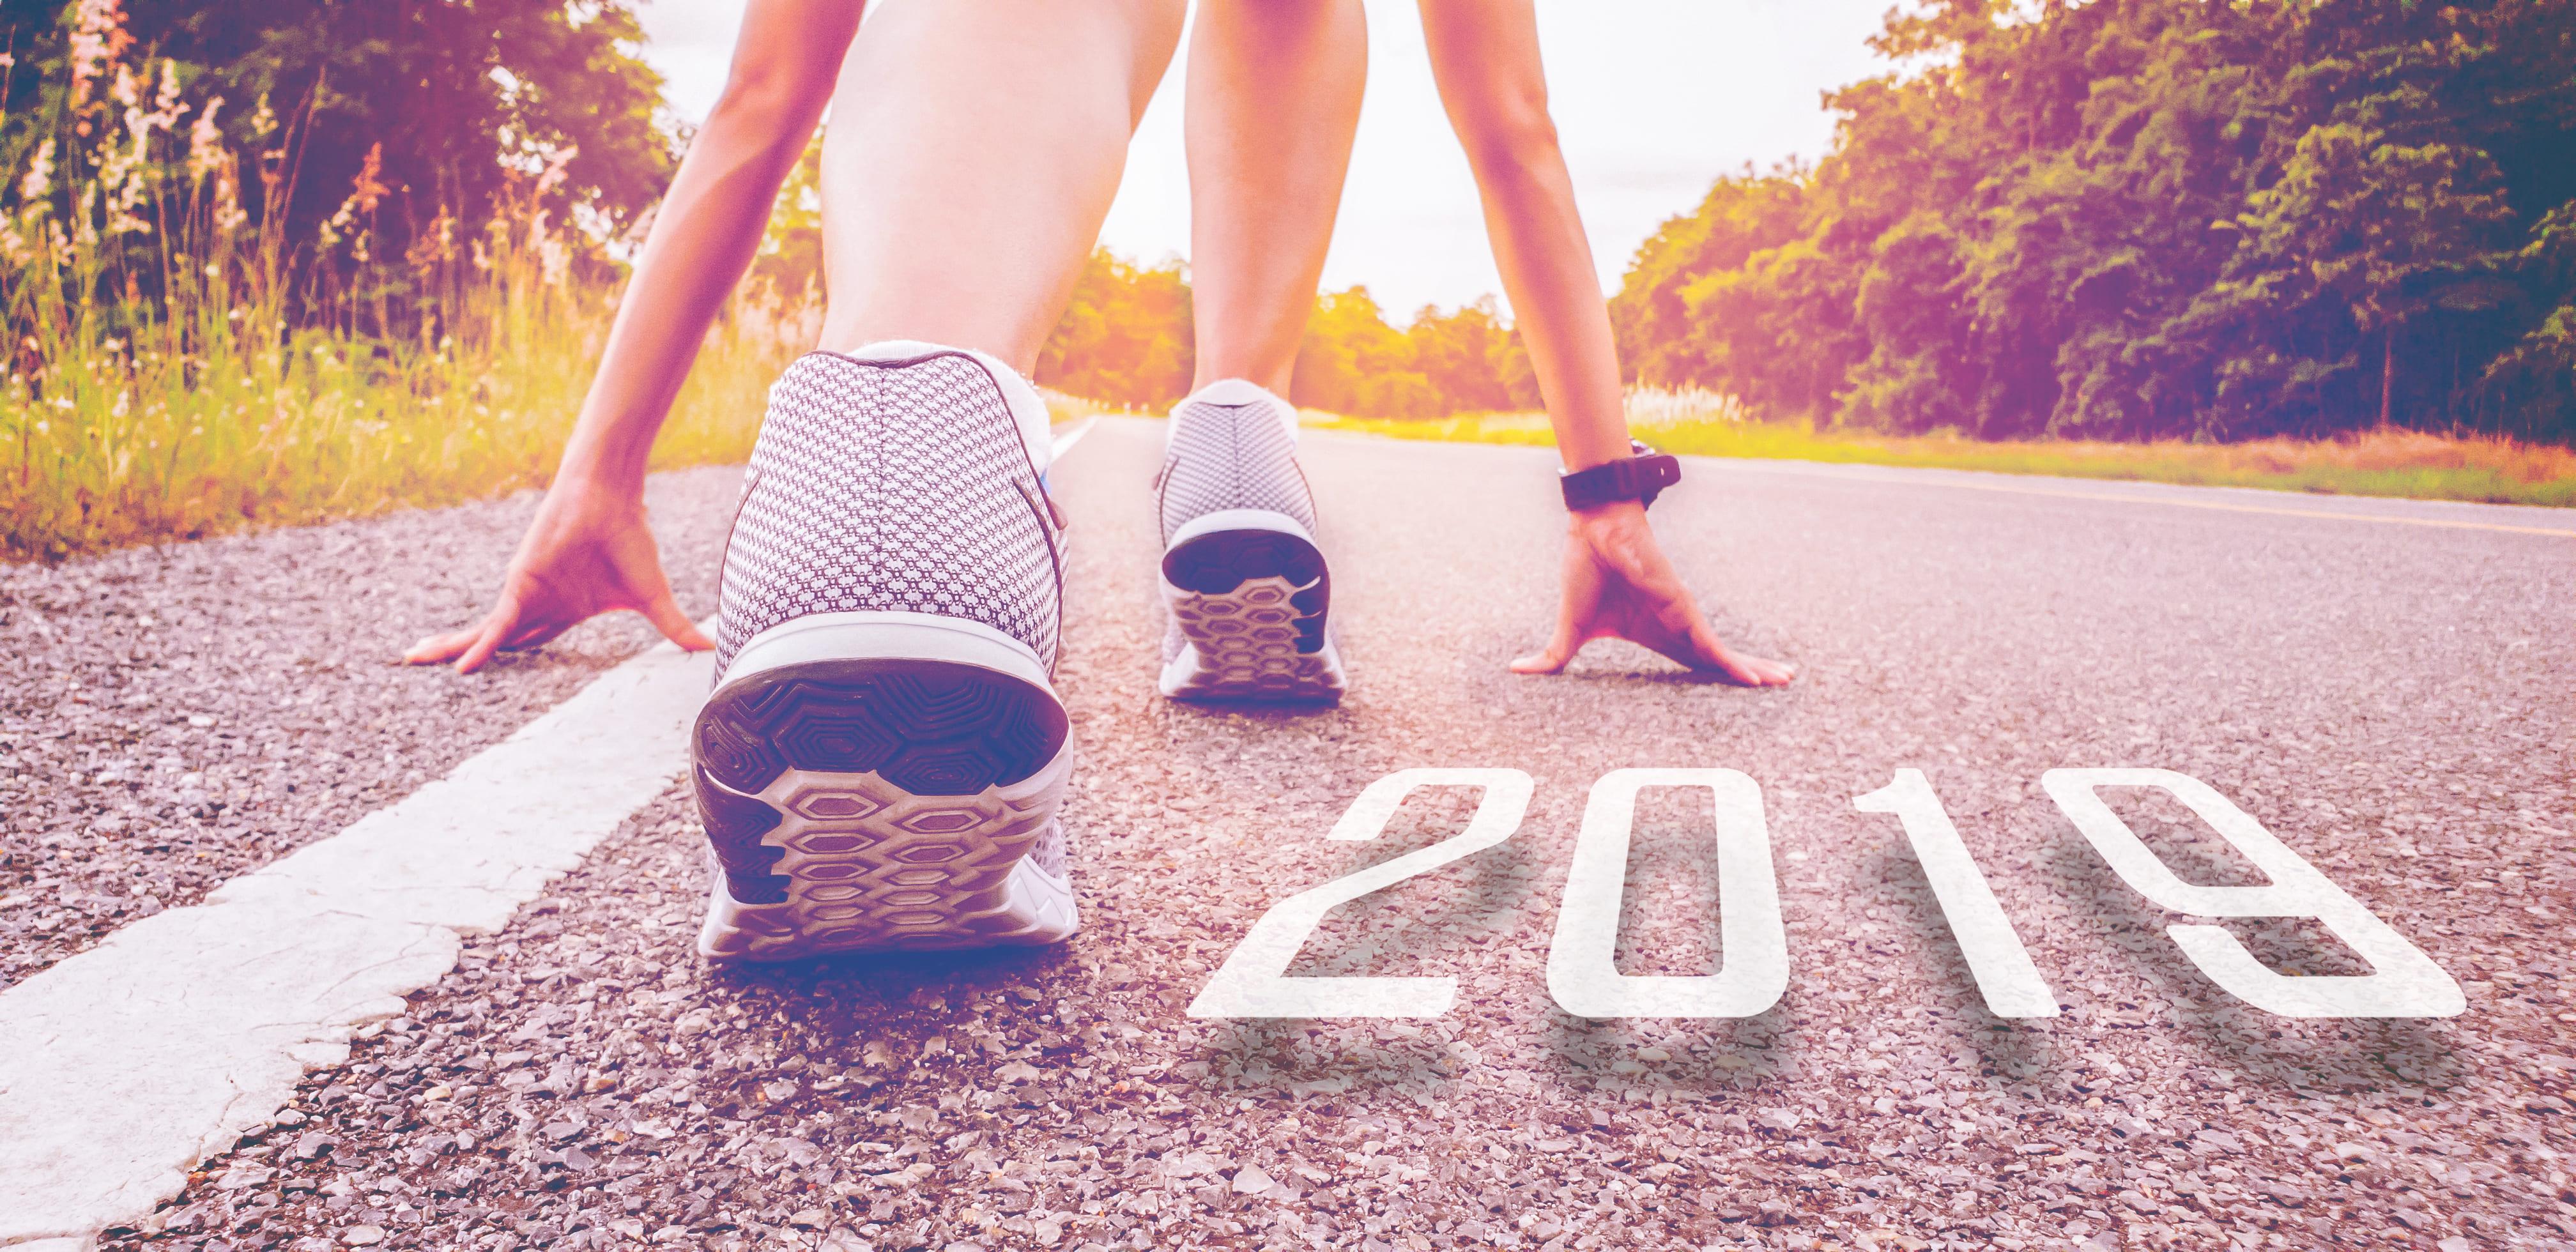 Imagem de uma corredora para remeter os profissionais que desejam saber o que esperar do empreendedorismo em 2019